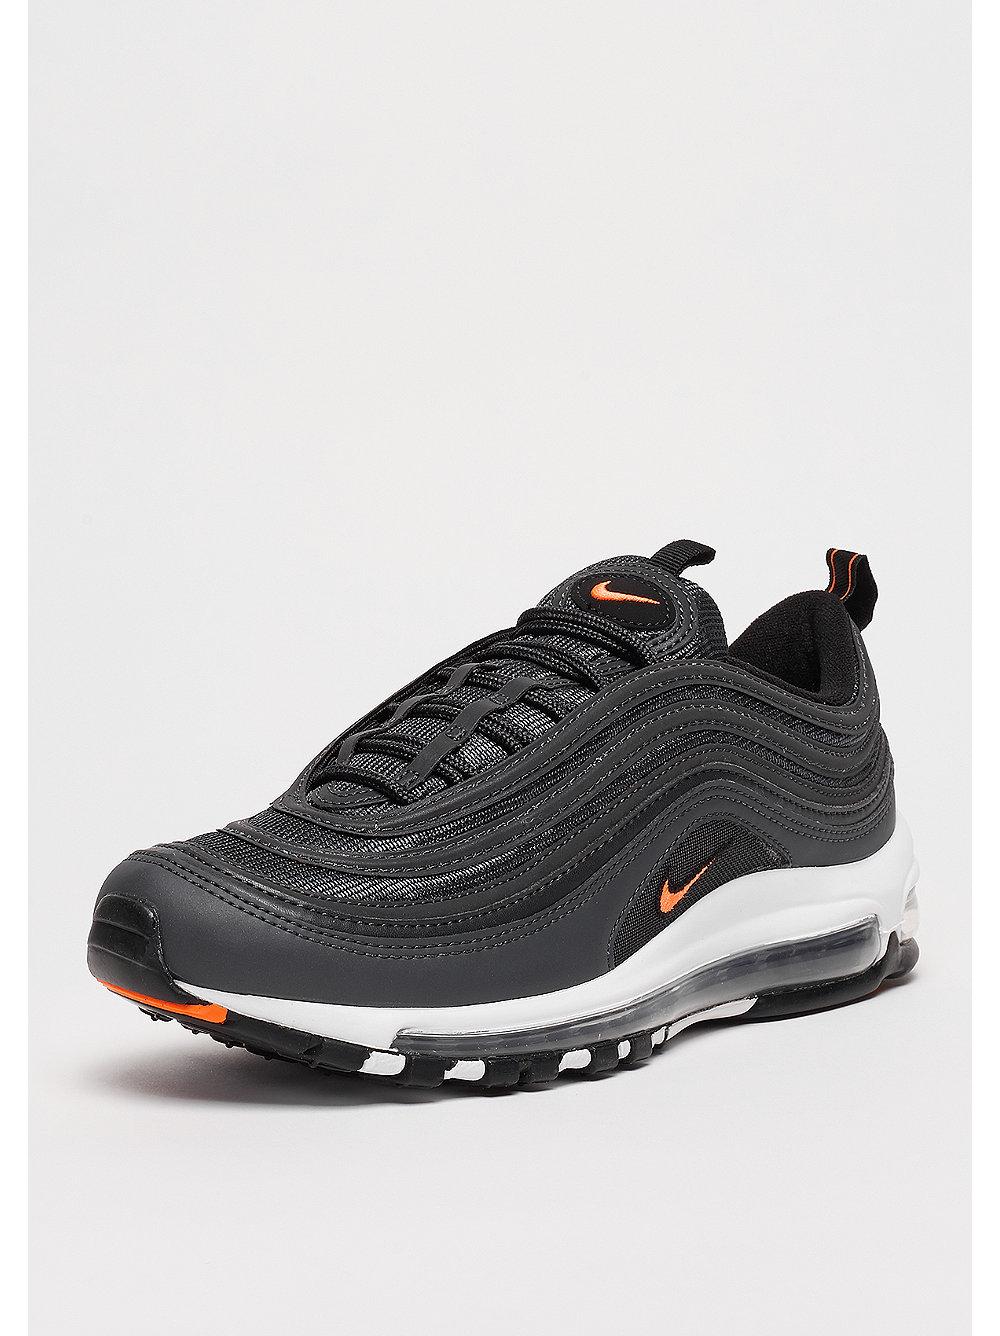 ... NIKE Air Max 97 anthracitetotal orangeblackwhite AUTHENTIC Nike Air Max  97 Black Orange ... 87704ac7d